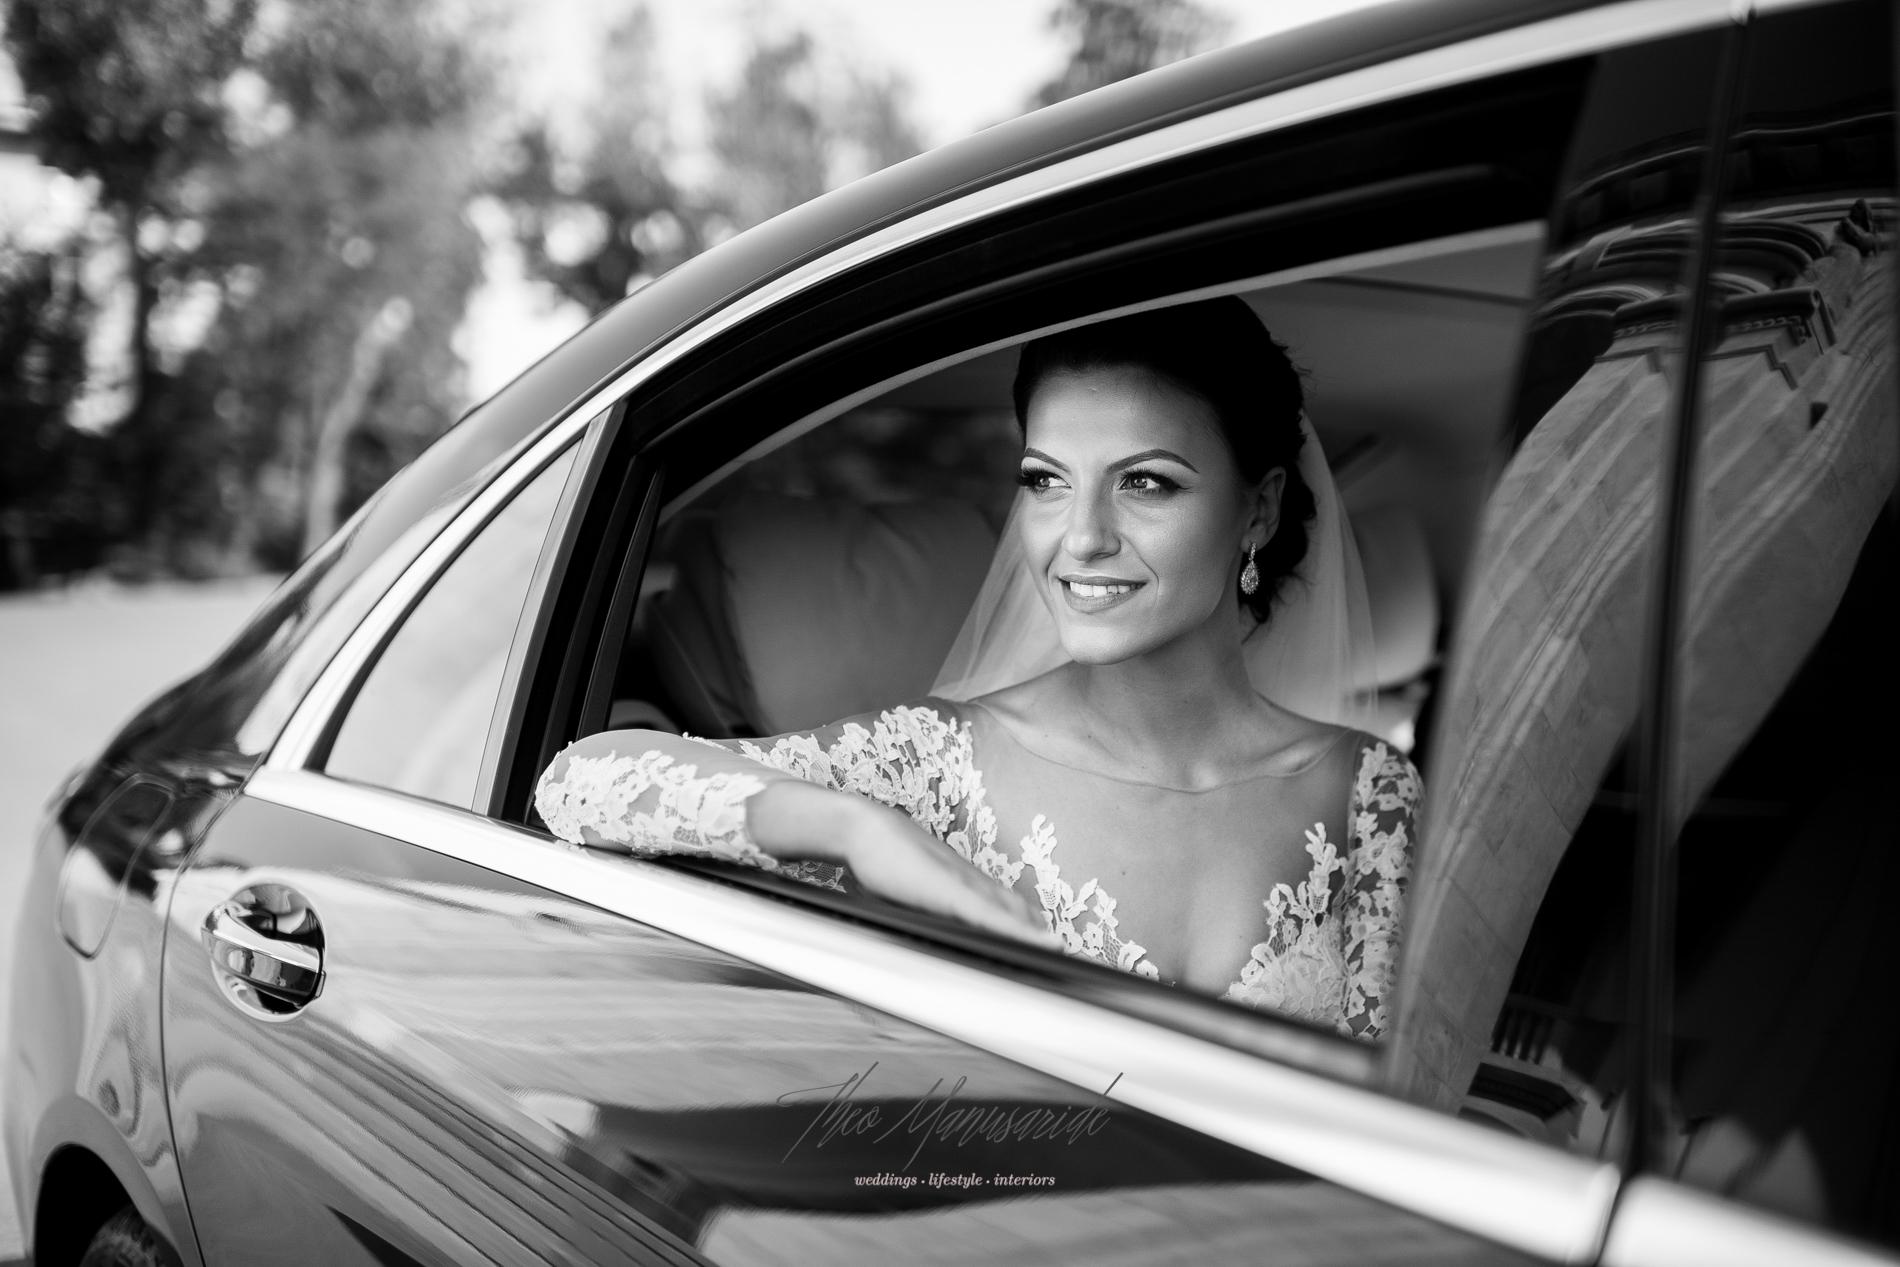 fotograf nunta biavati events-21-2